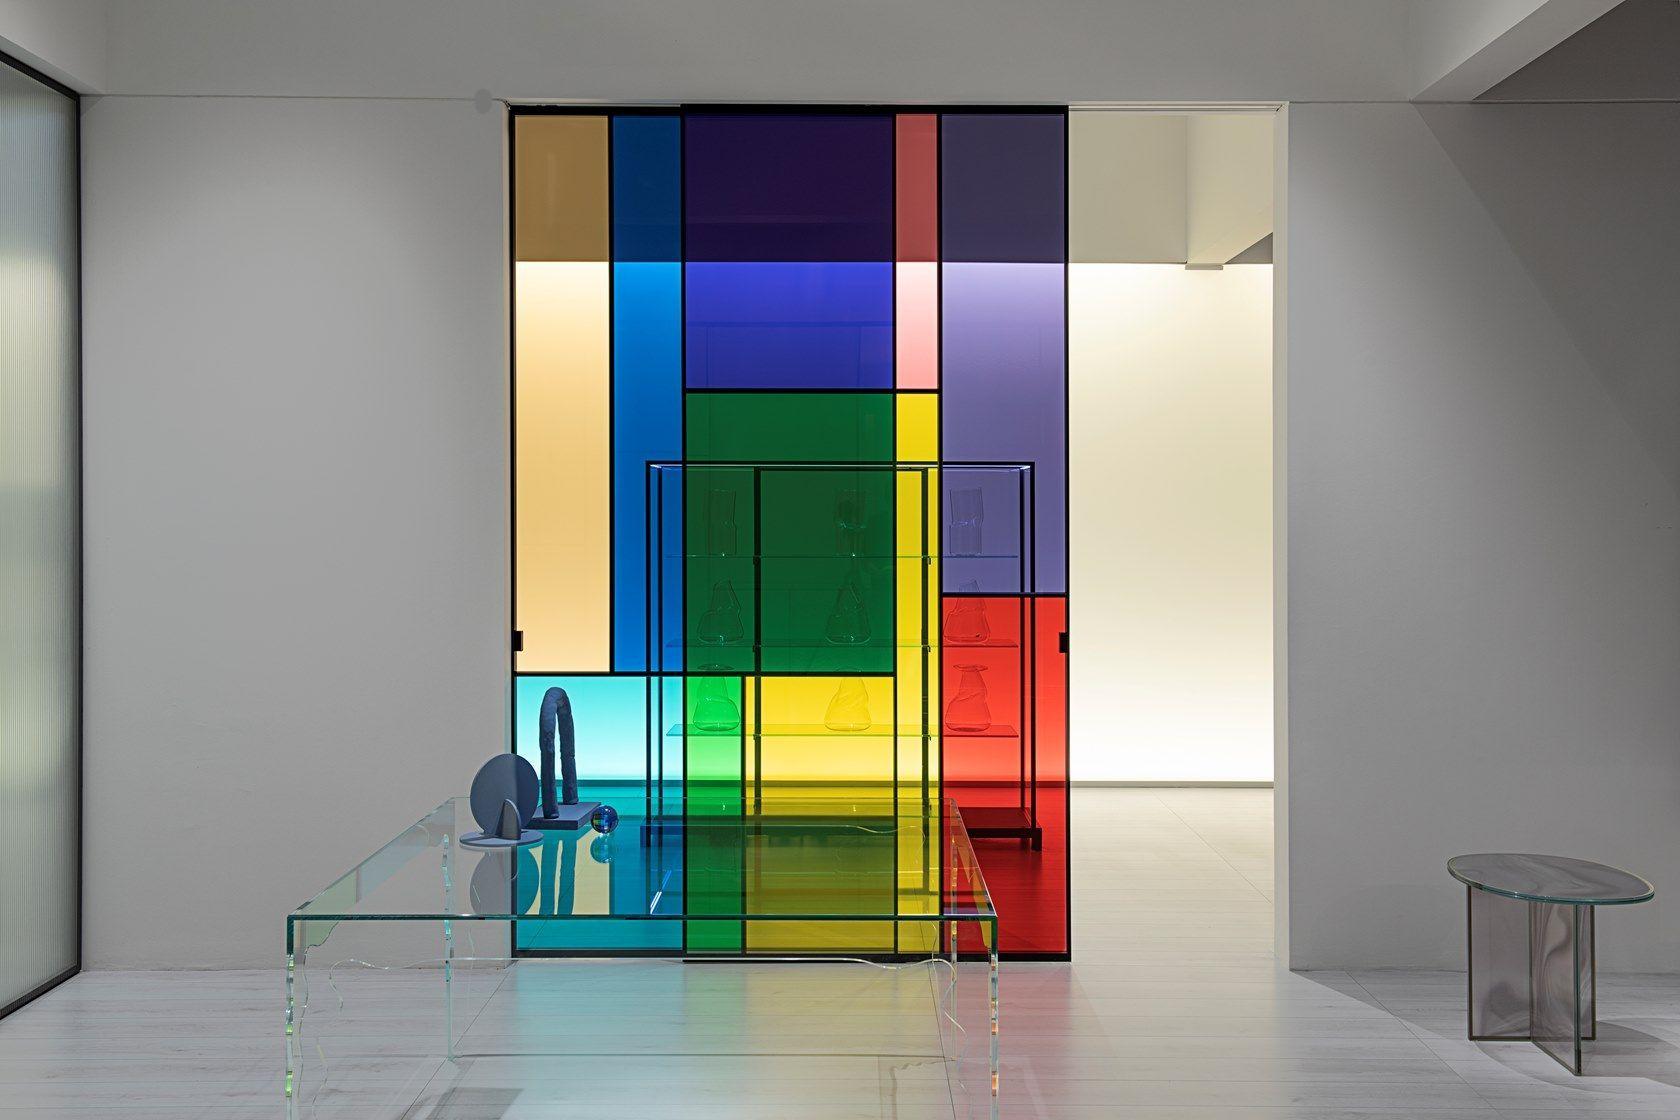 Bewegliche Glaswand Sherazade Patchwork Von Glas Italia Design Piero Lissoni In 2020 Glaswand Wandgestaltung Produktdesign